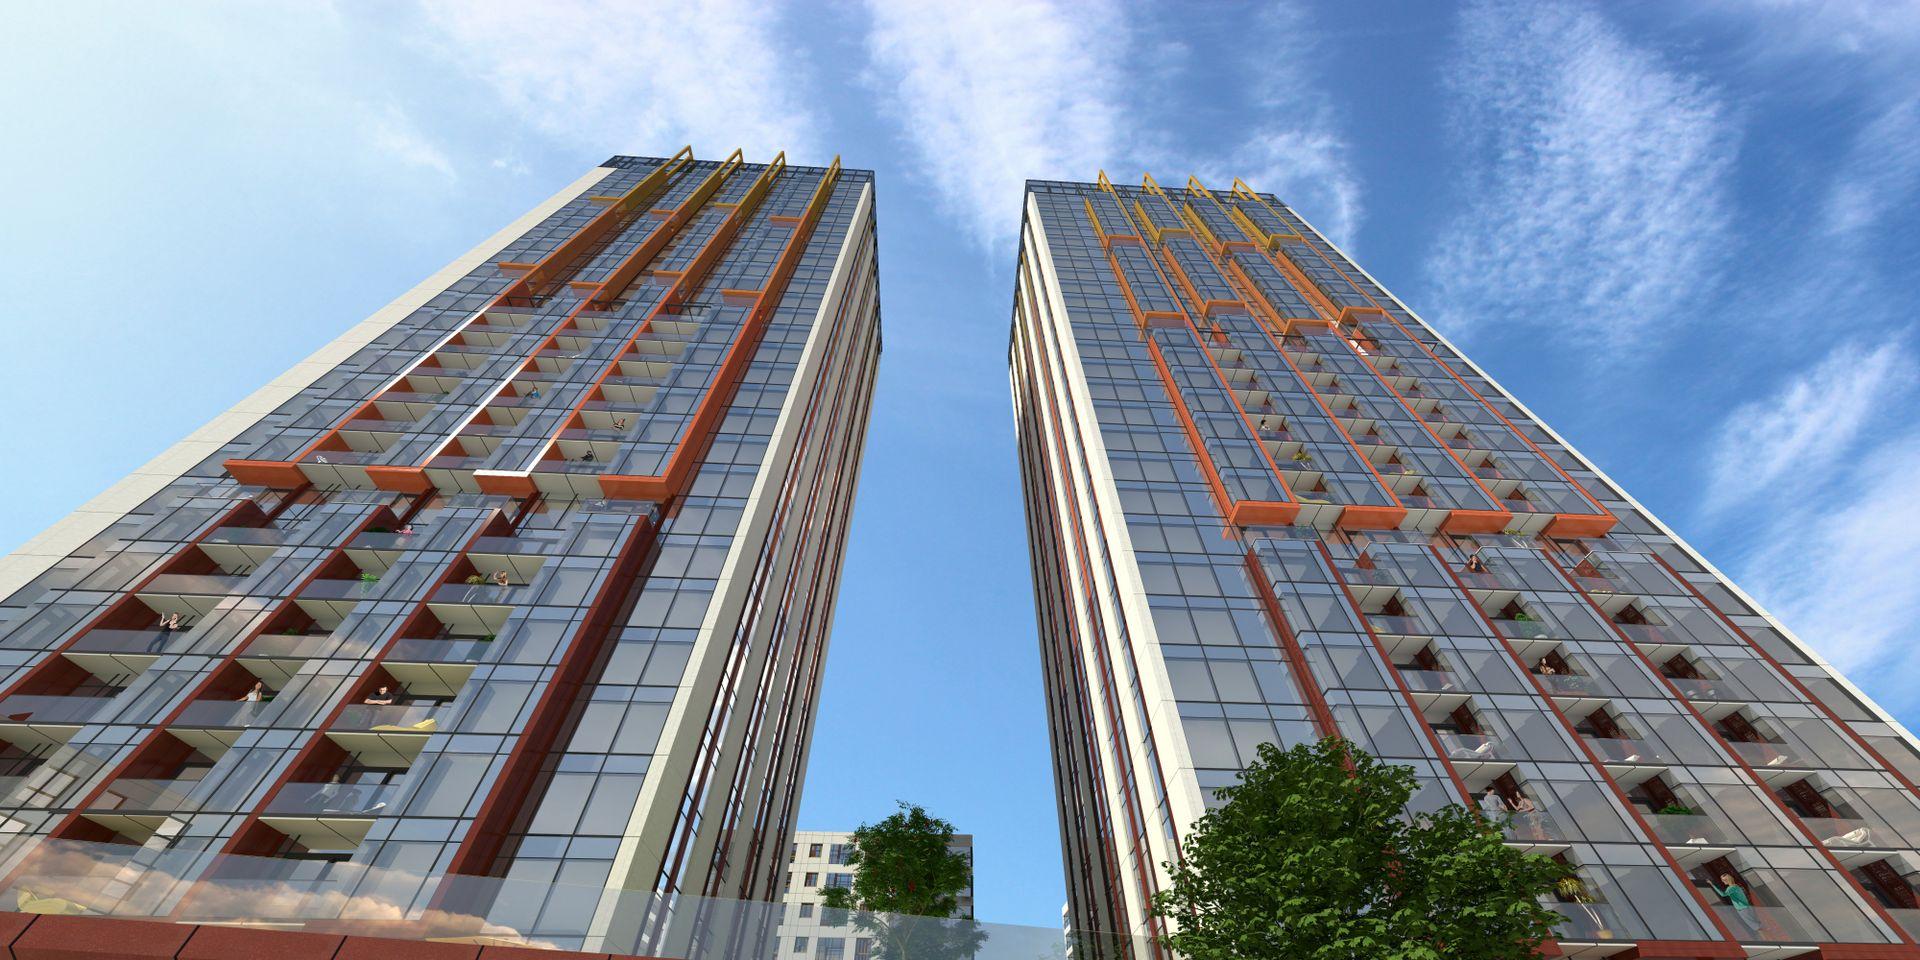 Wieżowce Towarowa Towers w Warszawie dostały pozwolenie na budowę